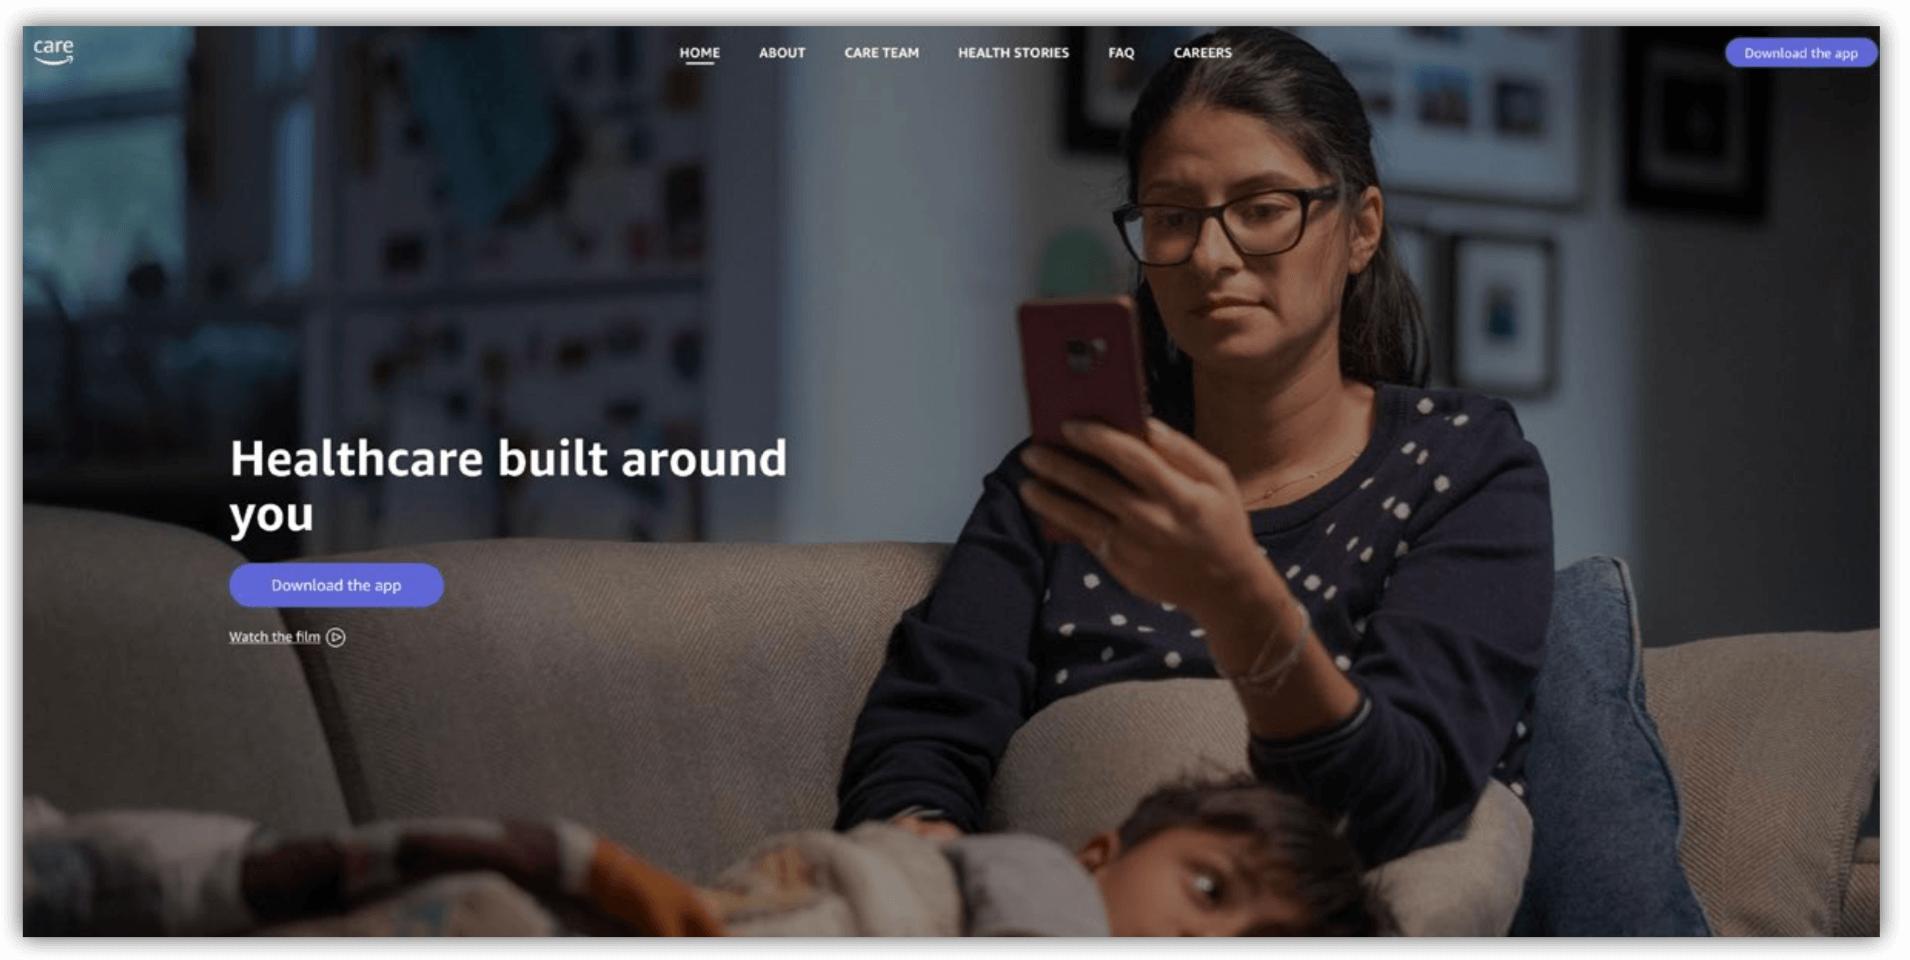 Der Angriff der Tech-Giganten und einer Armee von Digital Health Startups